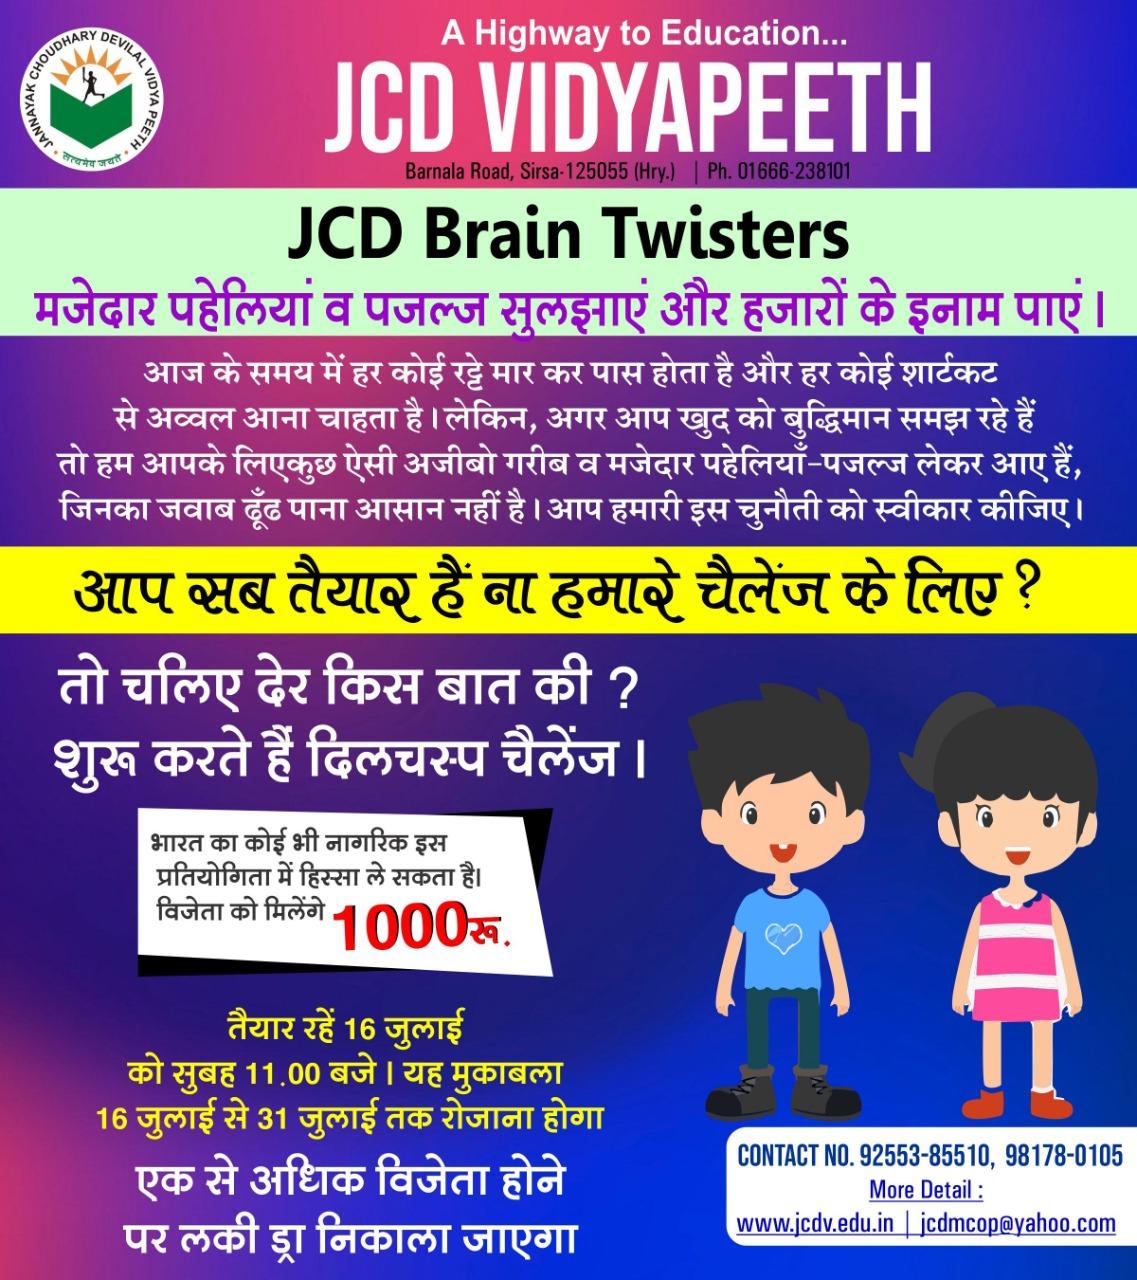 JCD Brain Twisters